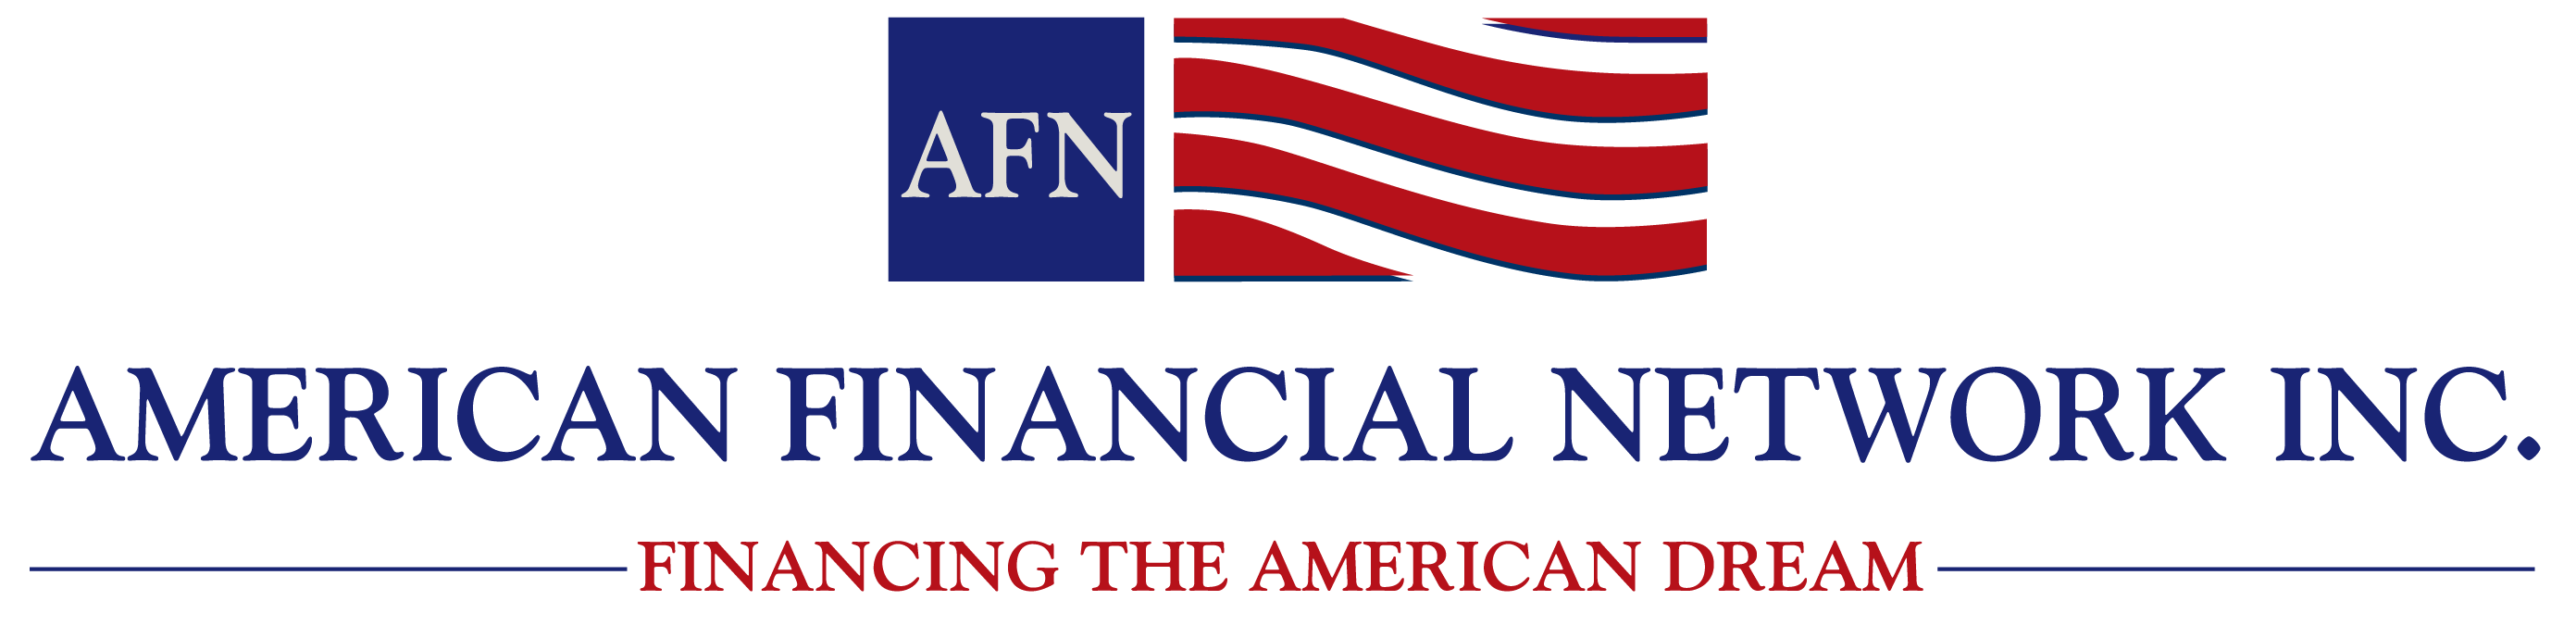 AFN-layout_set_logo